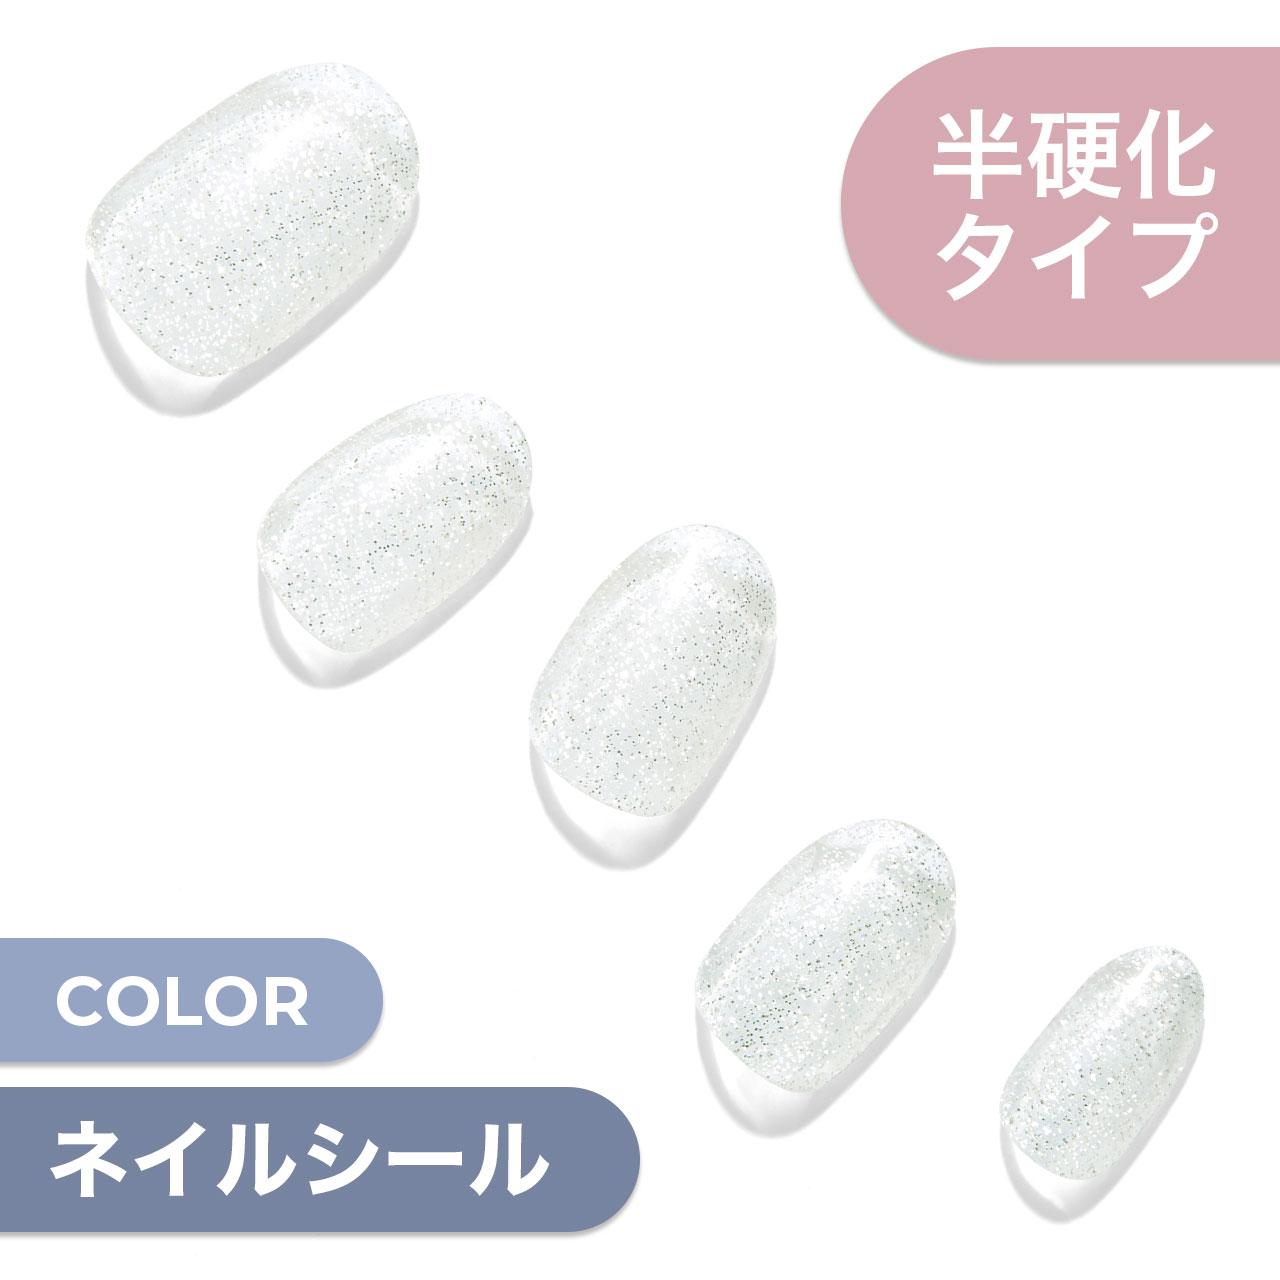 【Snowing Silver】ダッシングディバグレーズ